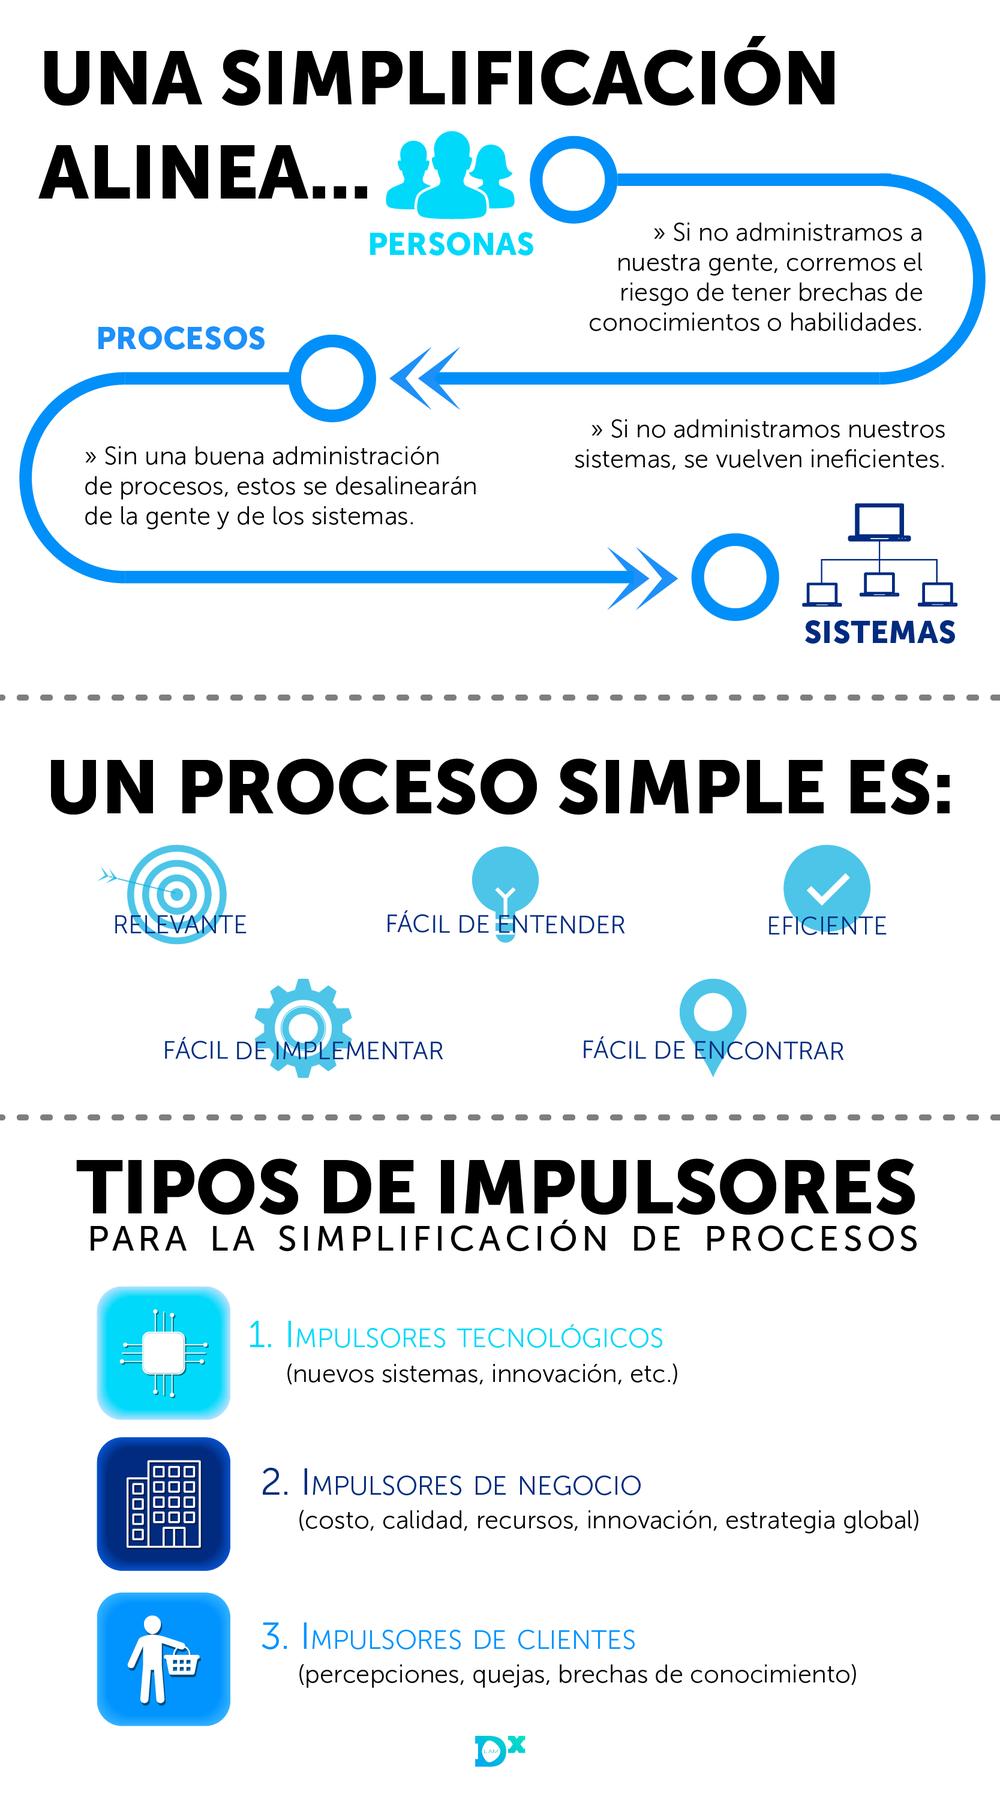 Infografia-simplificación.png